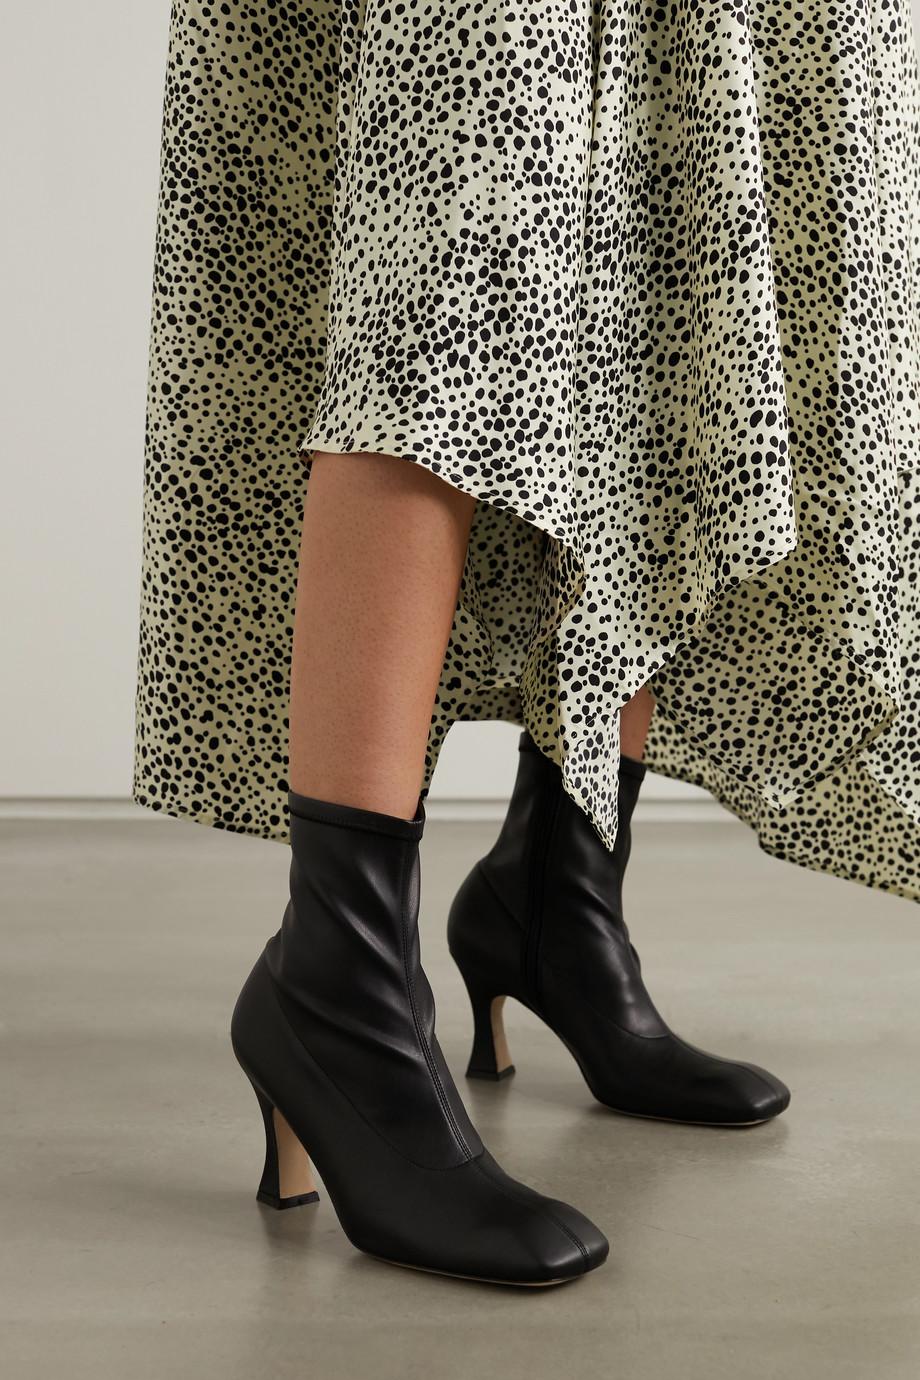 A.W.A.K.E. MODE New Priscilla PU ankle boots